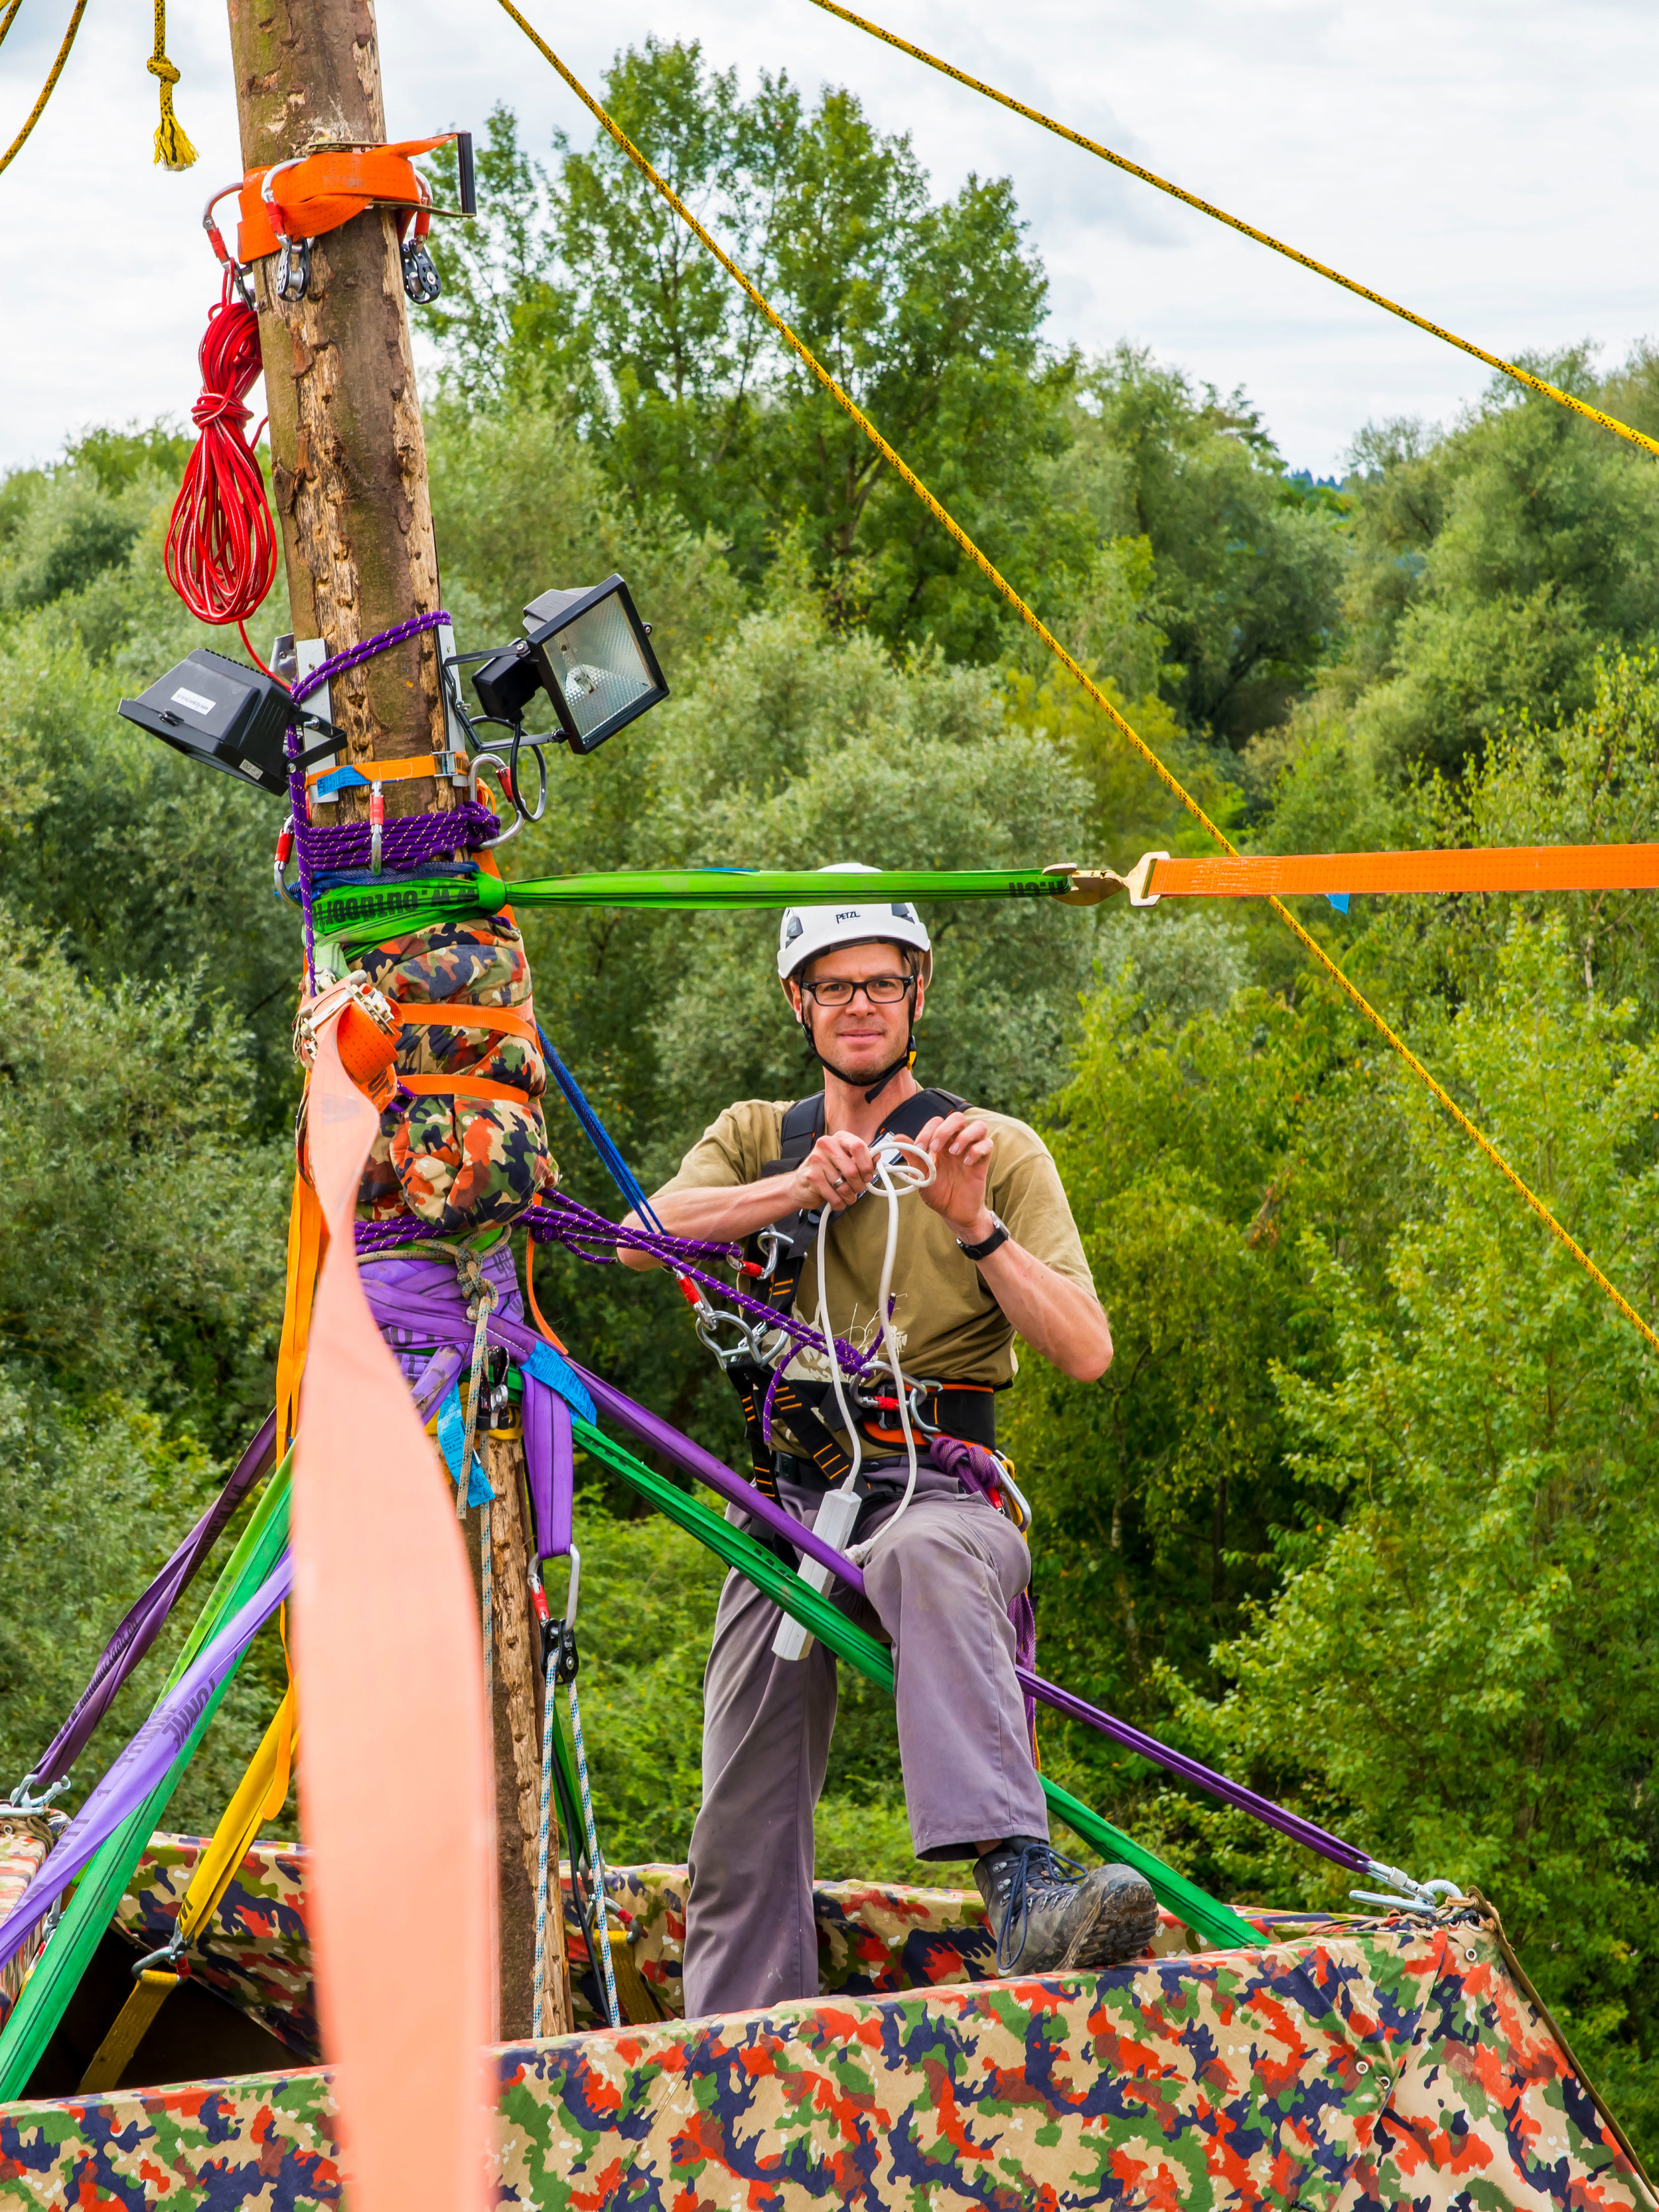 Sarasani- und Seiltechnikkurs 2019 - Im Sarasanibaukurs am Samstag 27.4.2019 führen wir dich in die Welt des Sarasanibaus ein.Im Seiltechnikkurs am Sonntag 28.4.2019 lernst du den Umgang mit Seil und Knoten.Besuchst Du beide Tage, verlängert sich deine J&S Anerkennung.